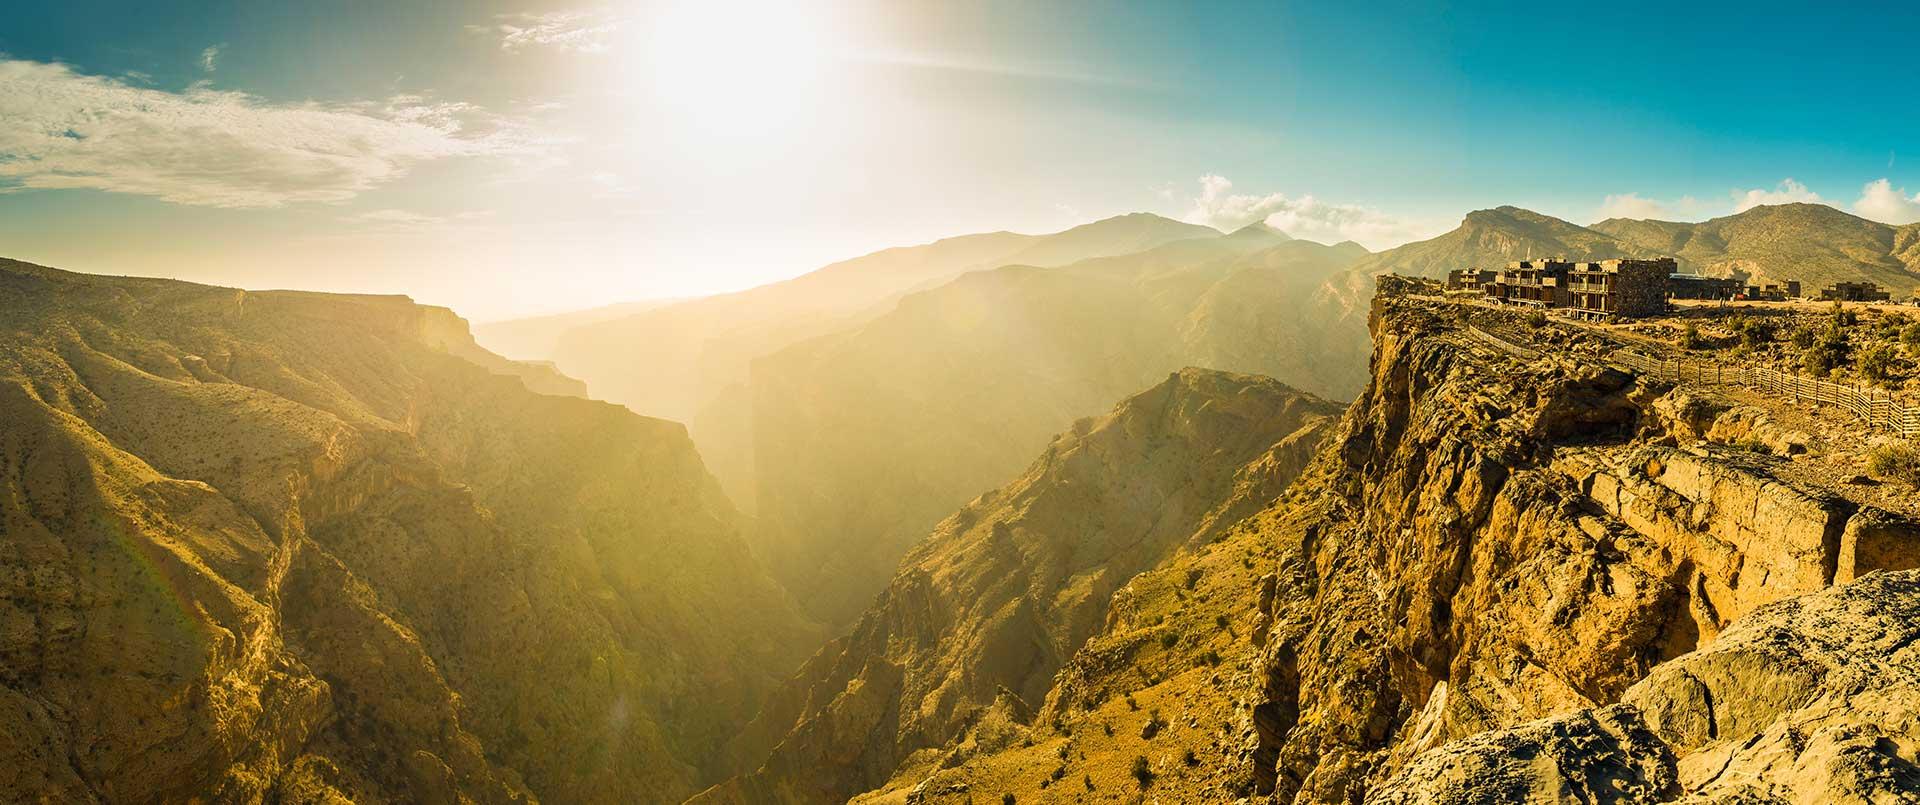 Alila, Jabal Akhdar